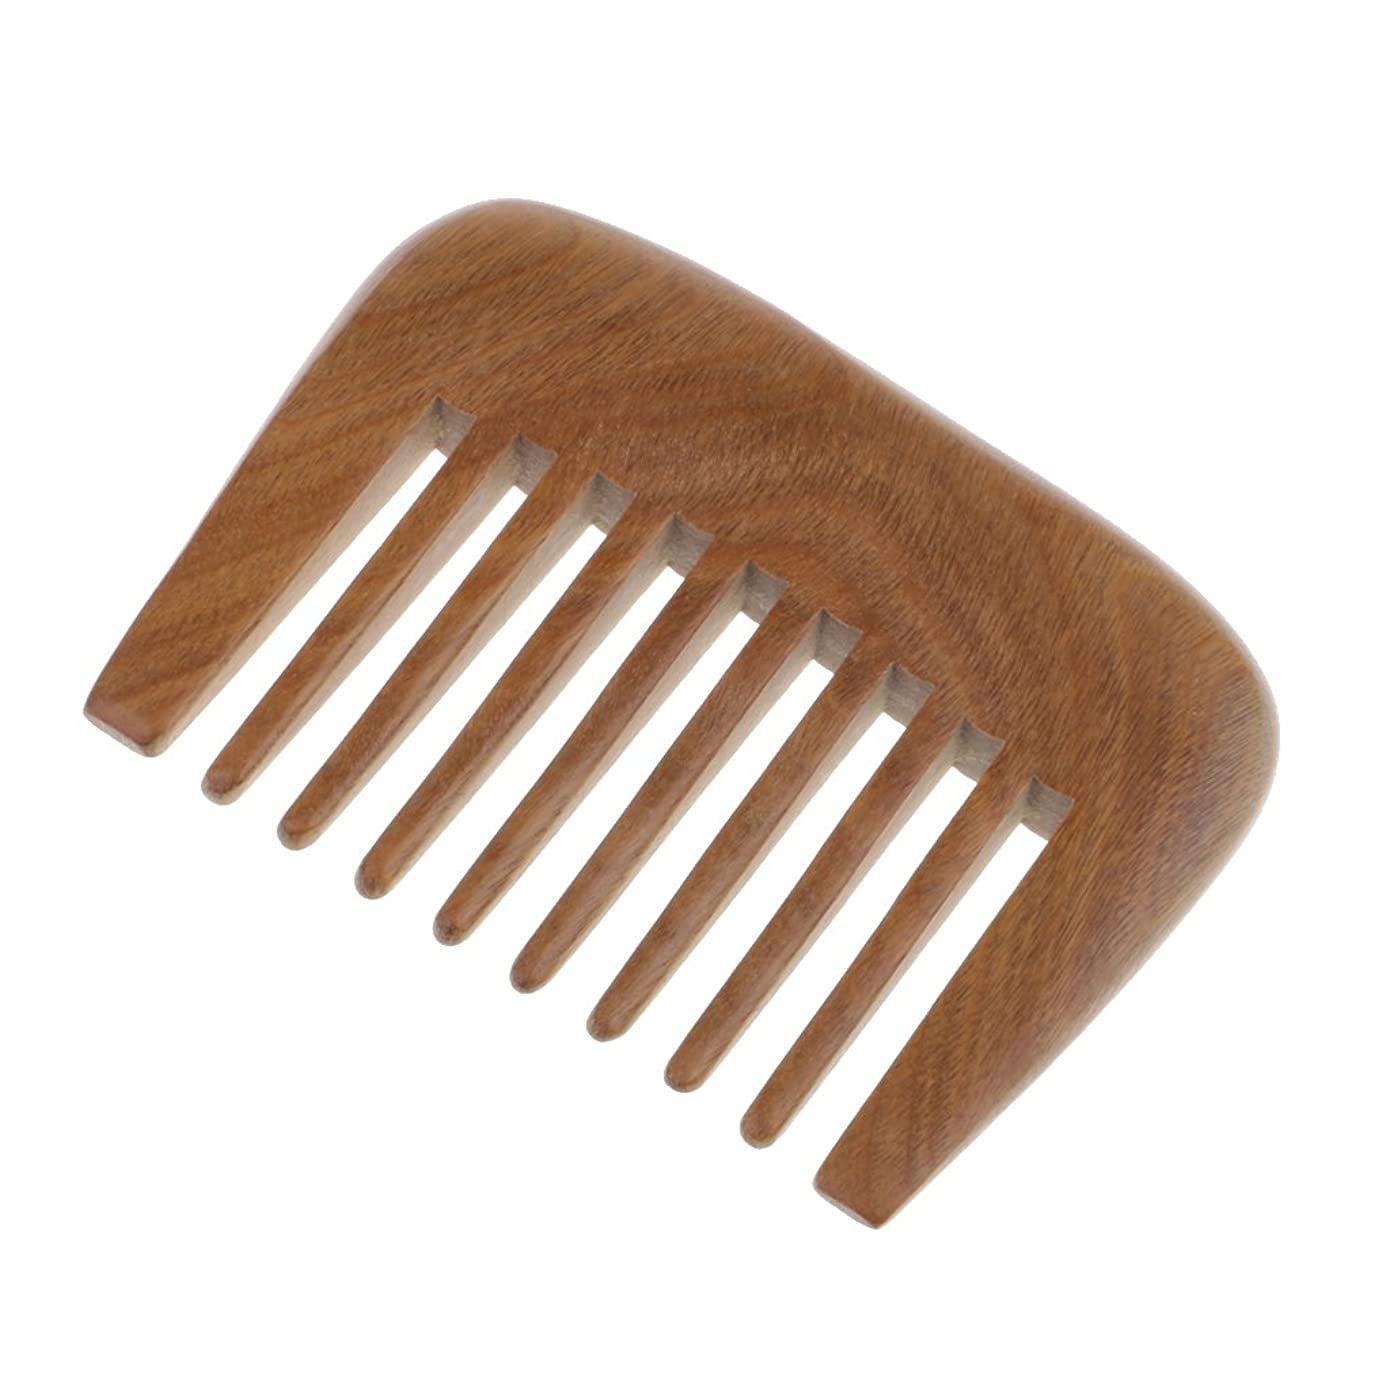 敵対的マイルド奪うCUTICATE 天然木広い歯の櫛Detanglerブラシ帯電防止グリーンビャクダン